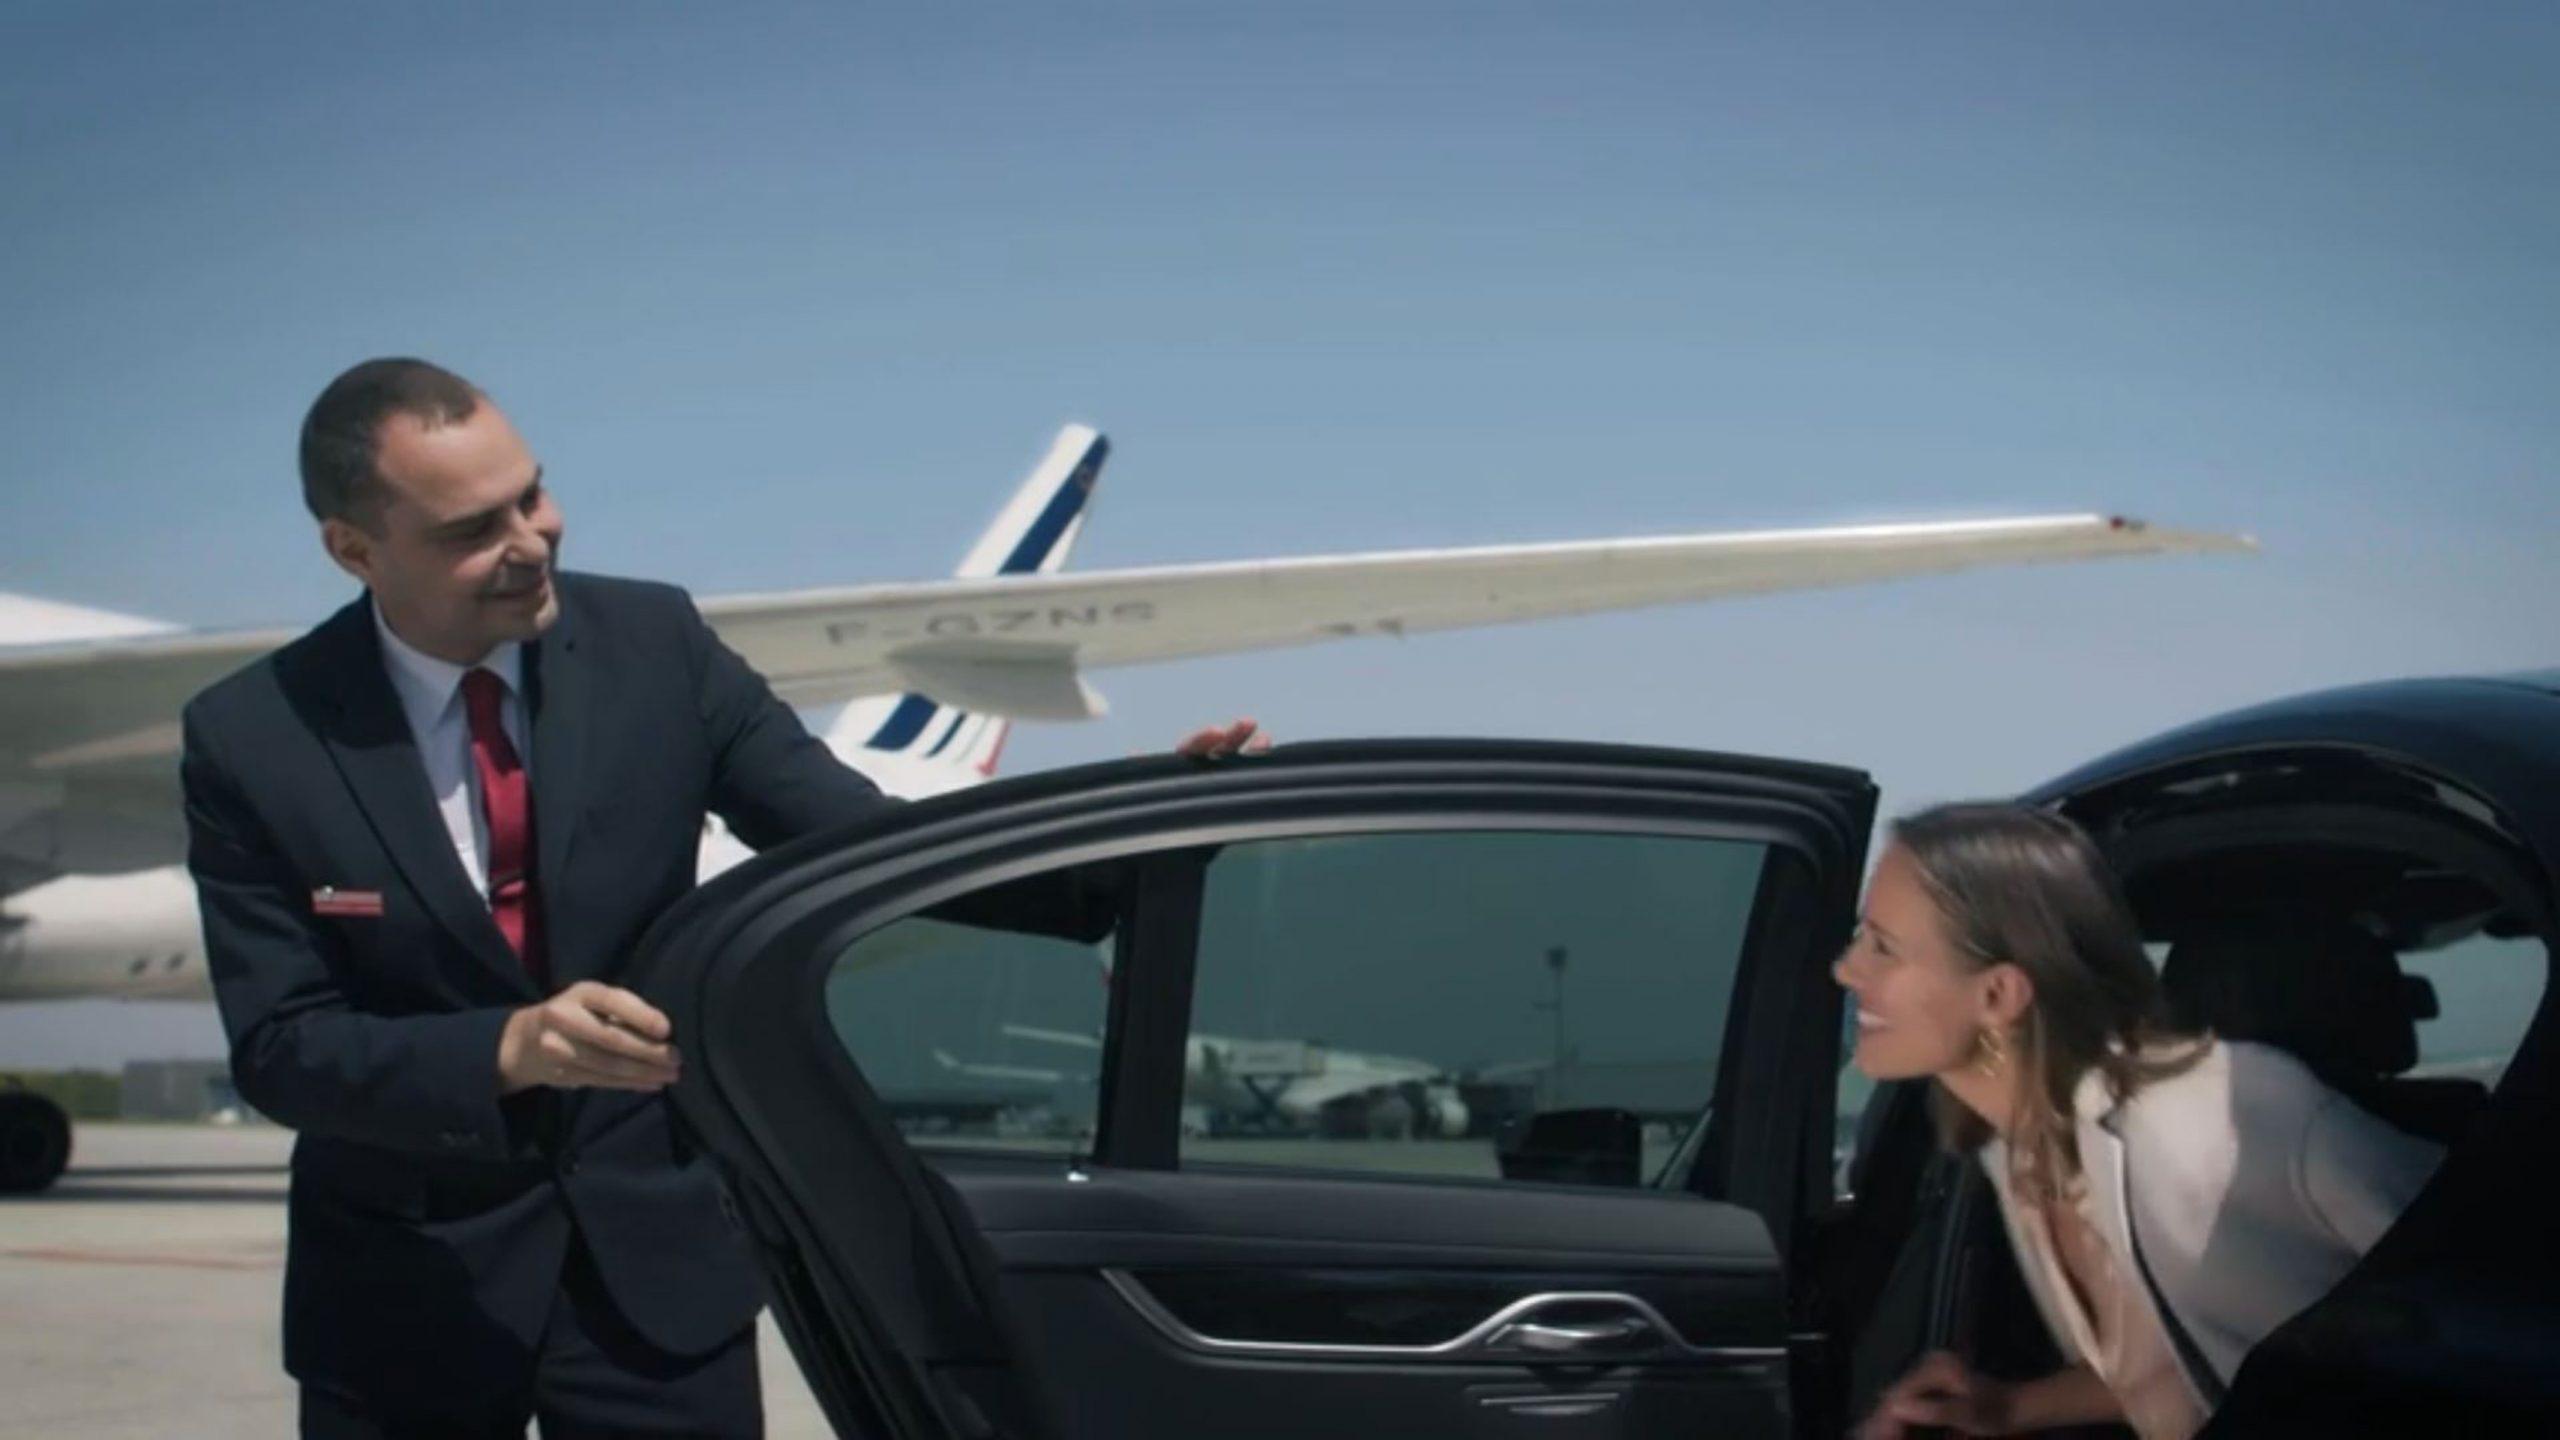 Extraits d'une vidéo de promotion d'Air France pour sa première classe. Si la haute noblesse louis-quatorzienne et versaillaise voyait ça, ne serait-elle pas jalouse ?